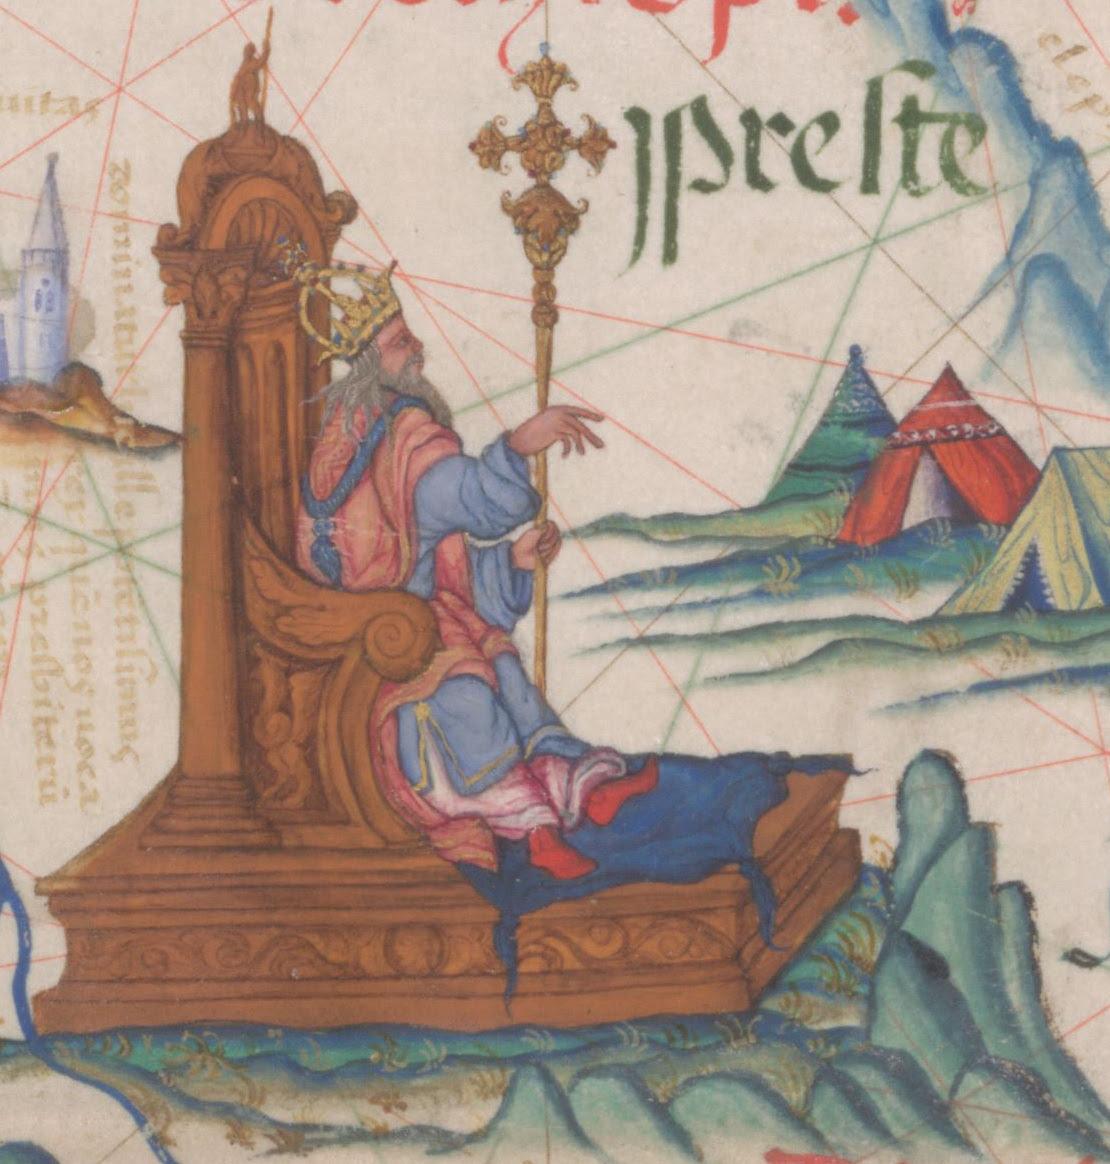 File:Prester John.jpg